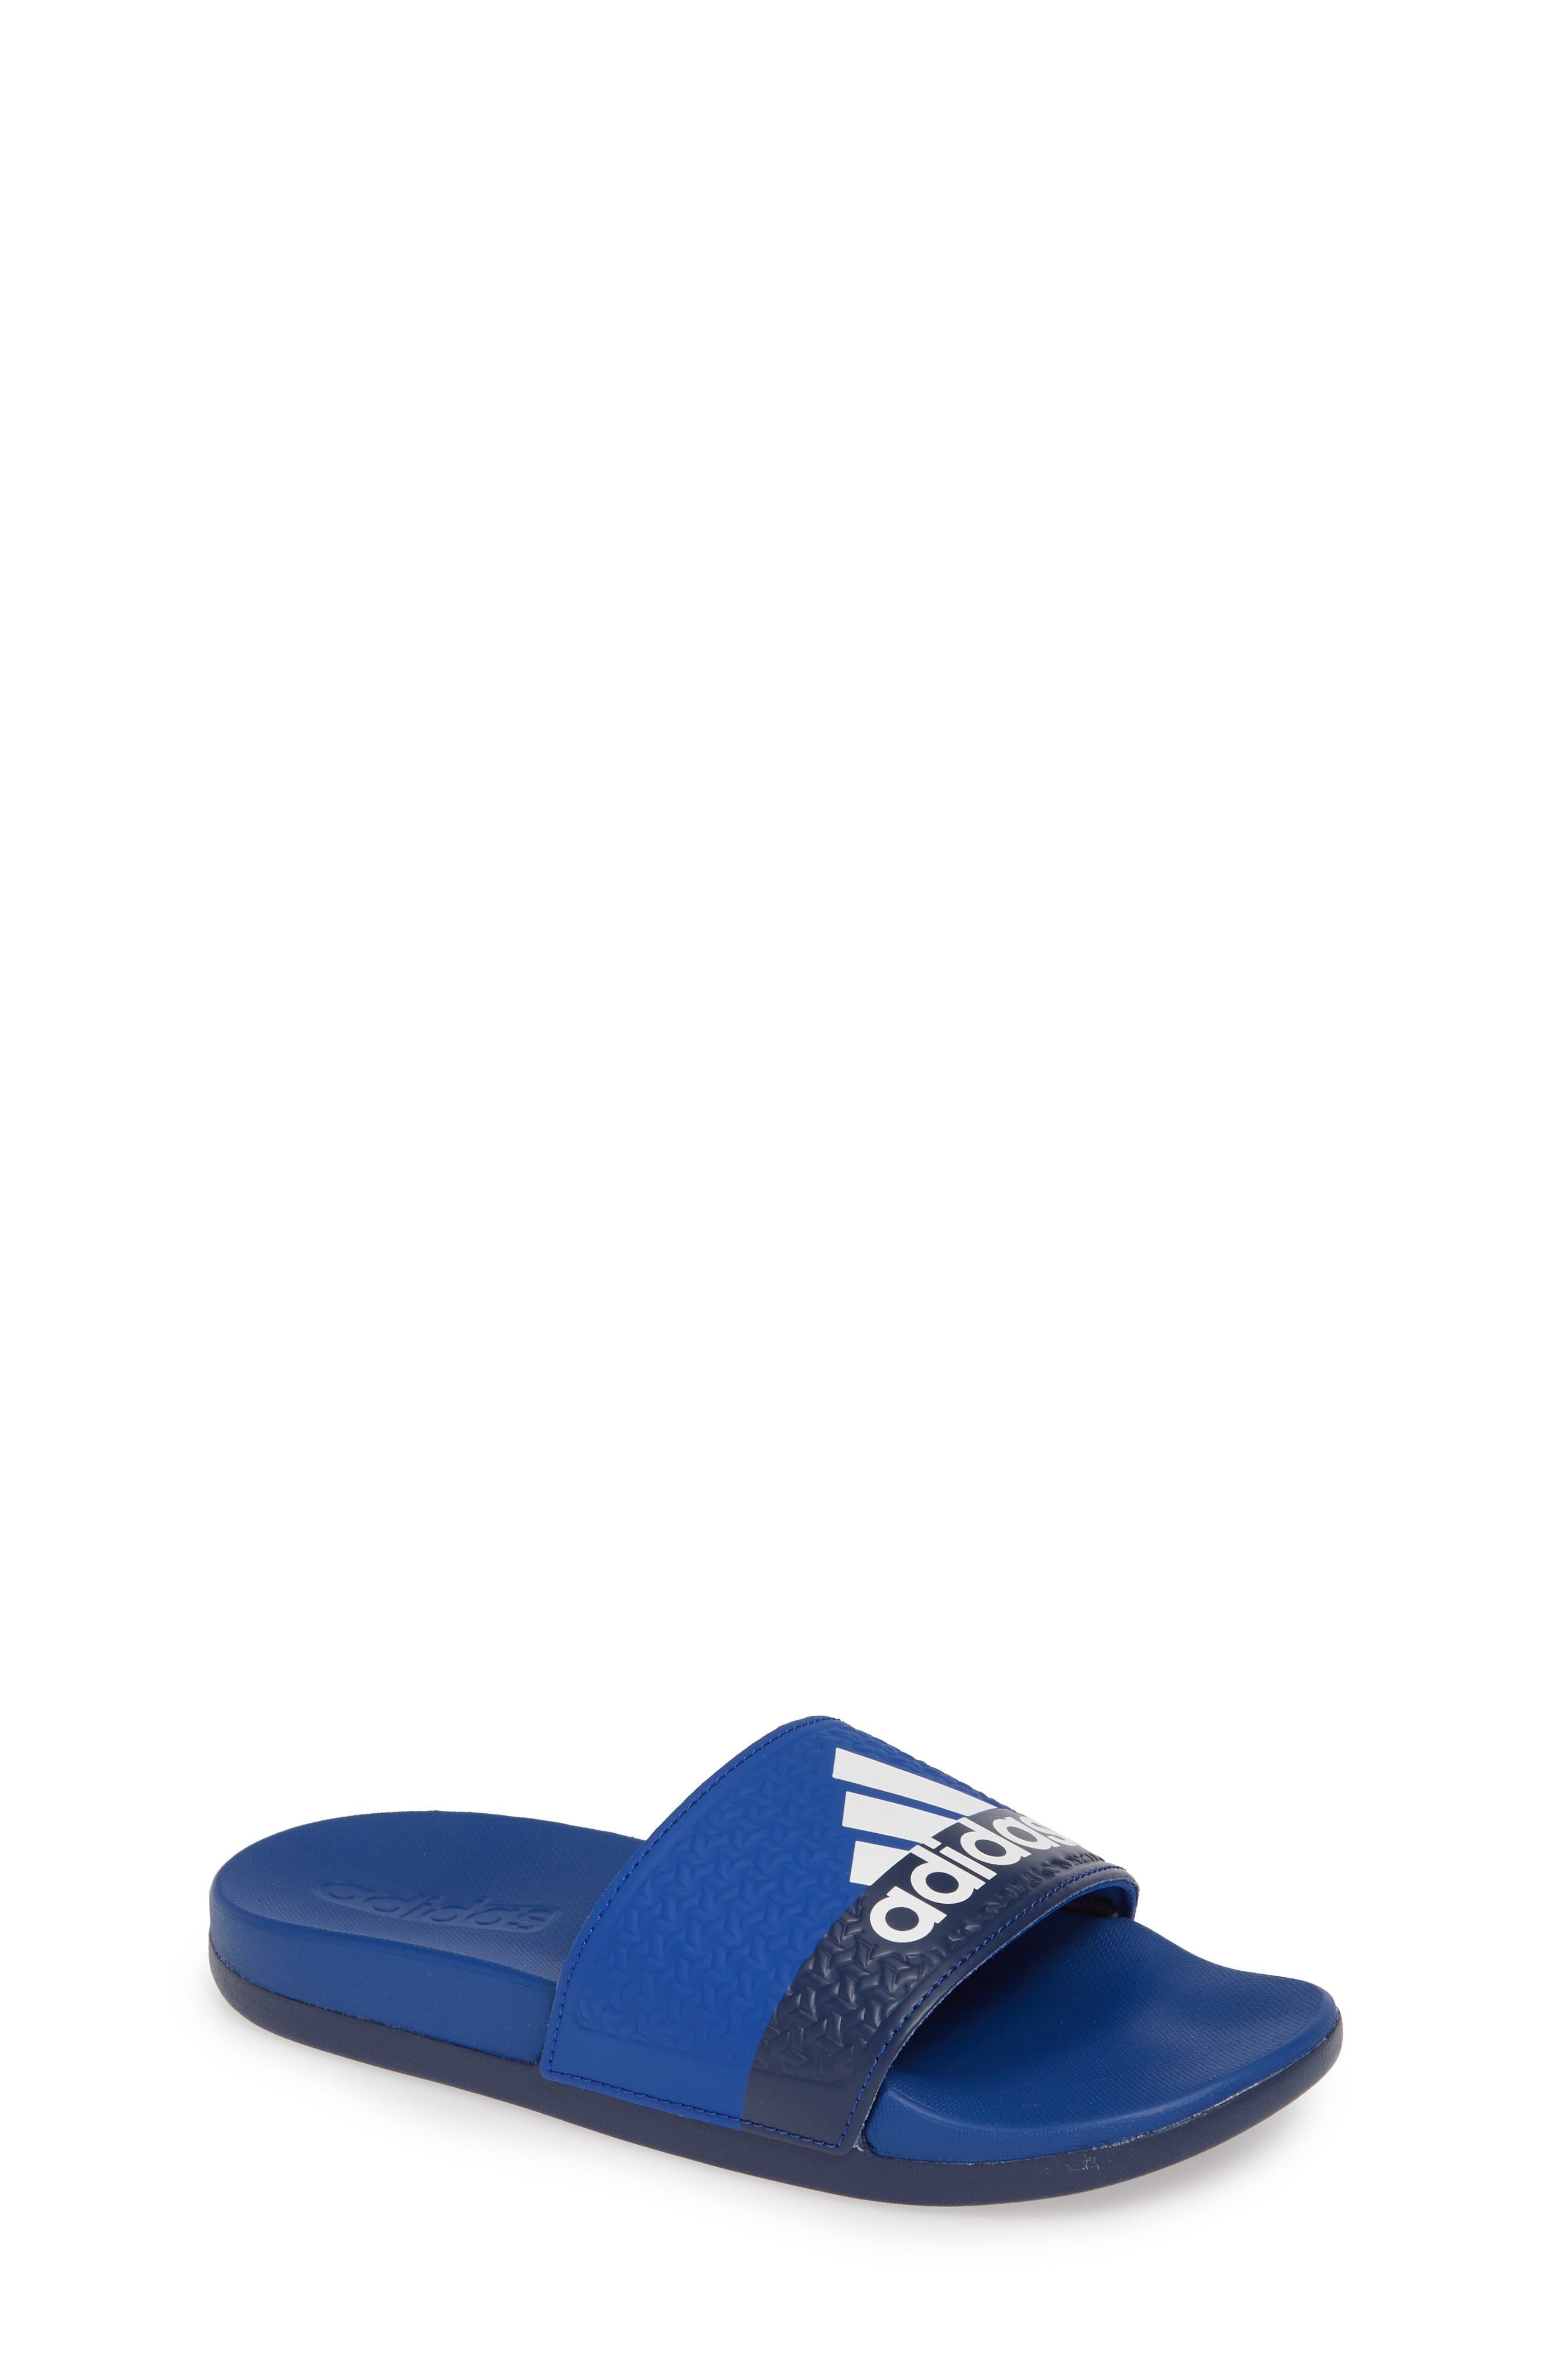 Adilette Slide Sandal,                             Main thumbnail 1, color,                             COLLEGIATE ROYAL/ WHITE/ BLUE